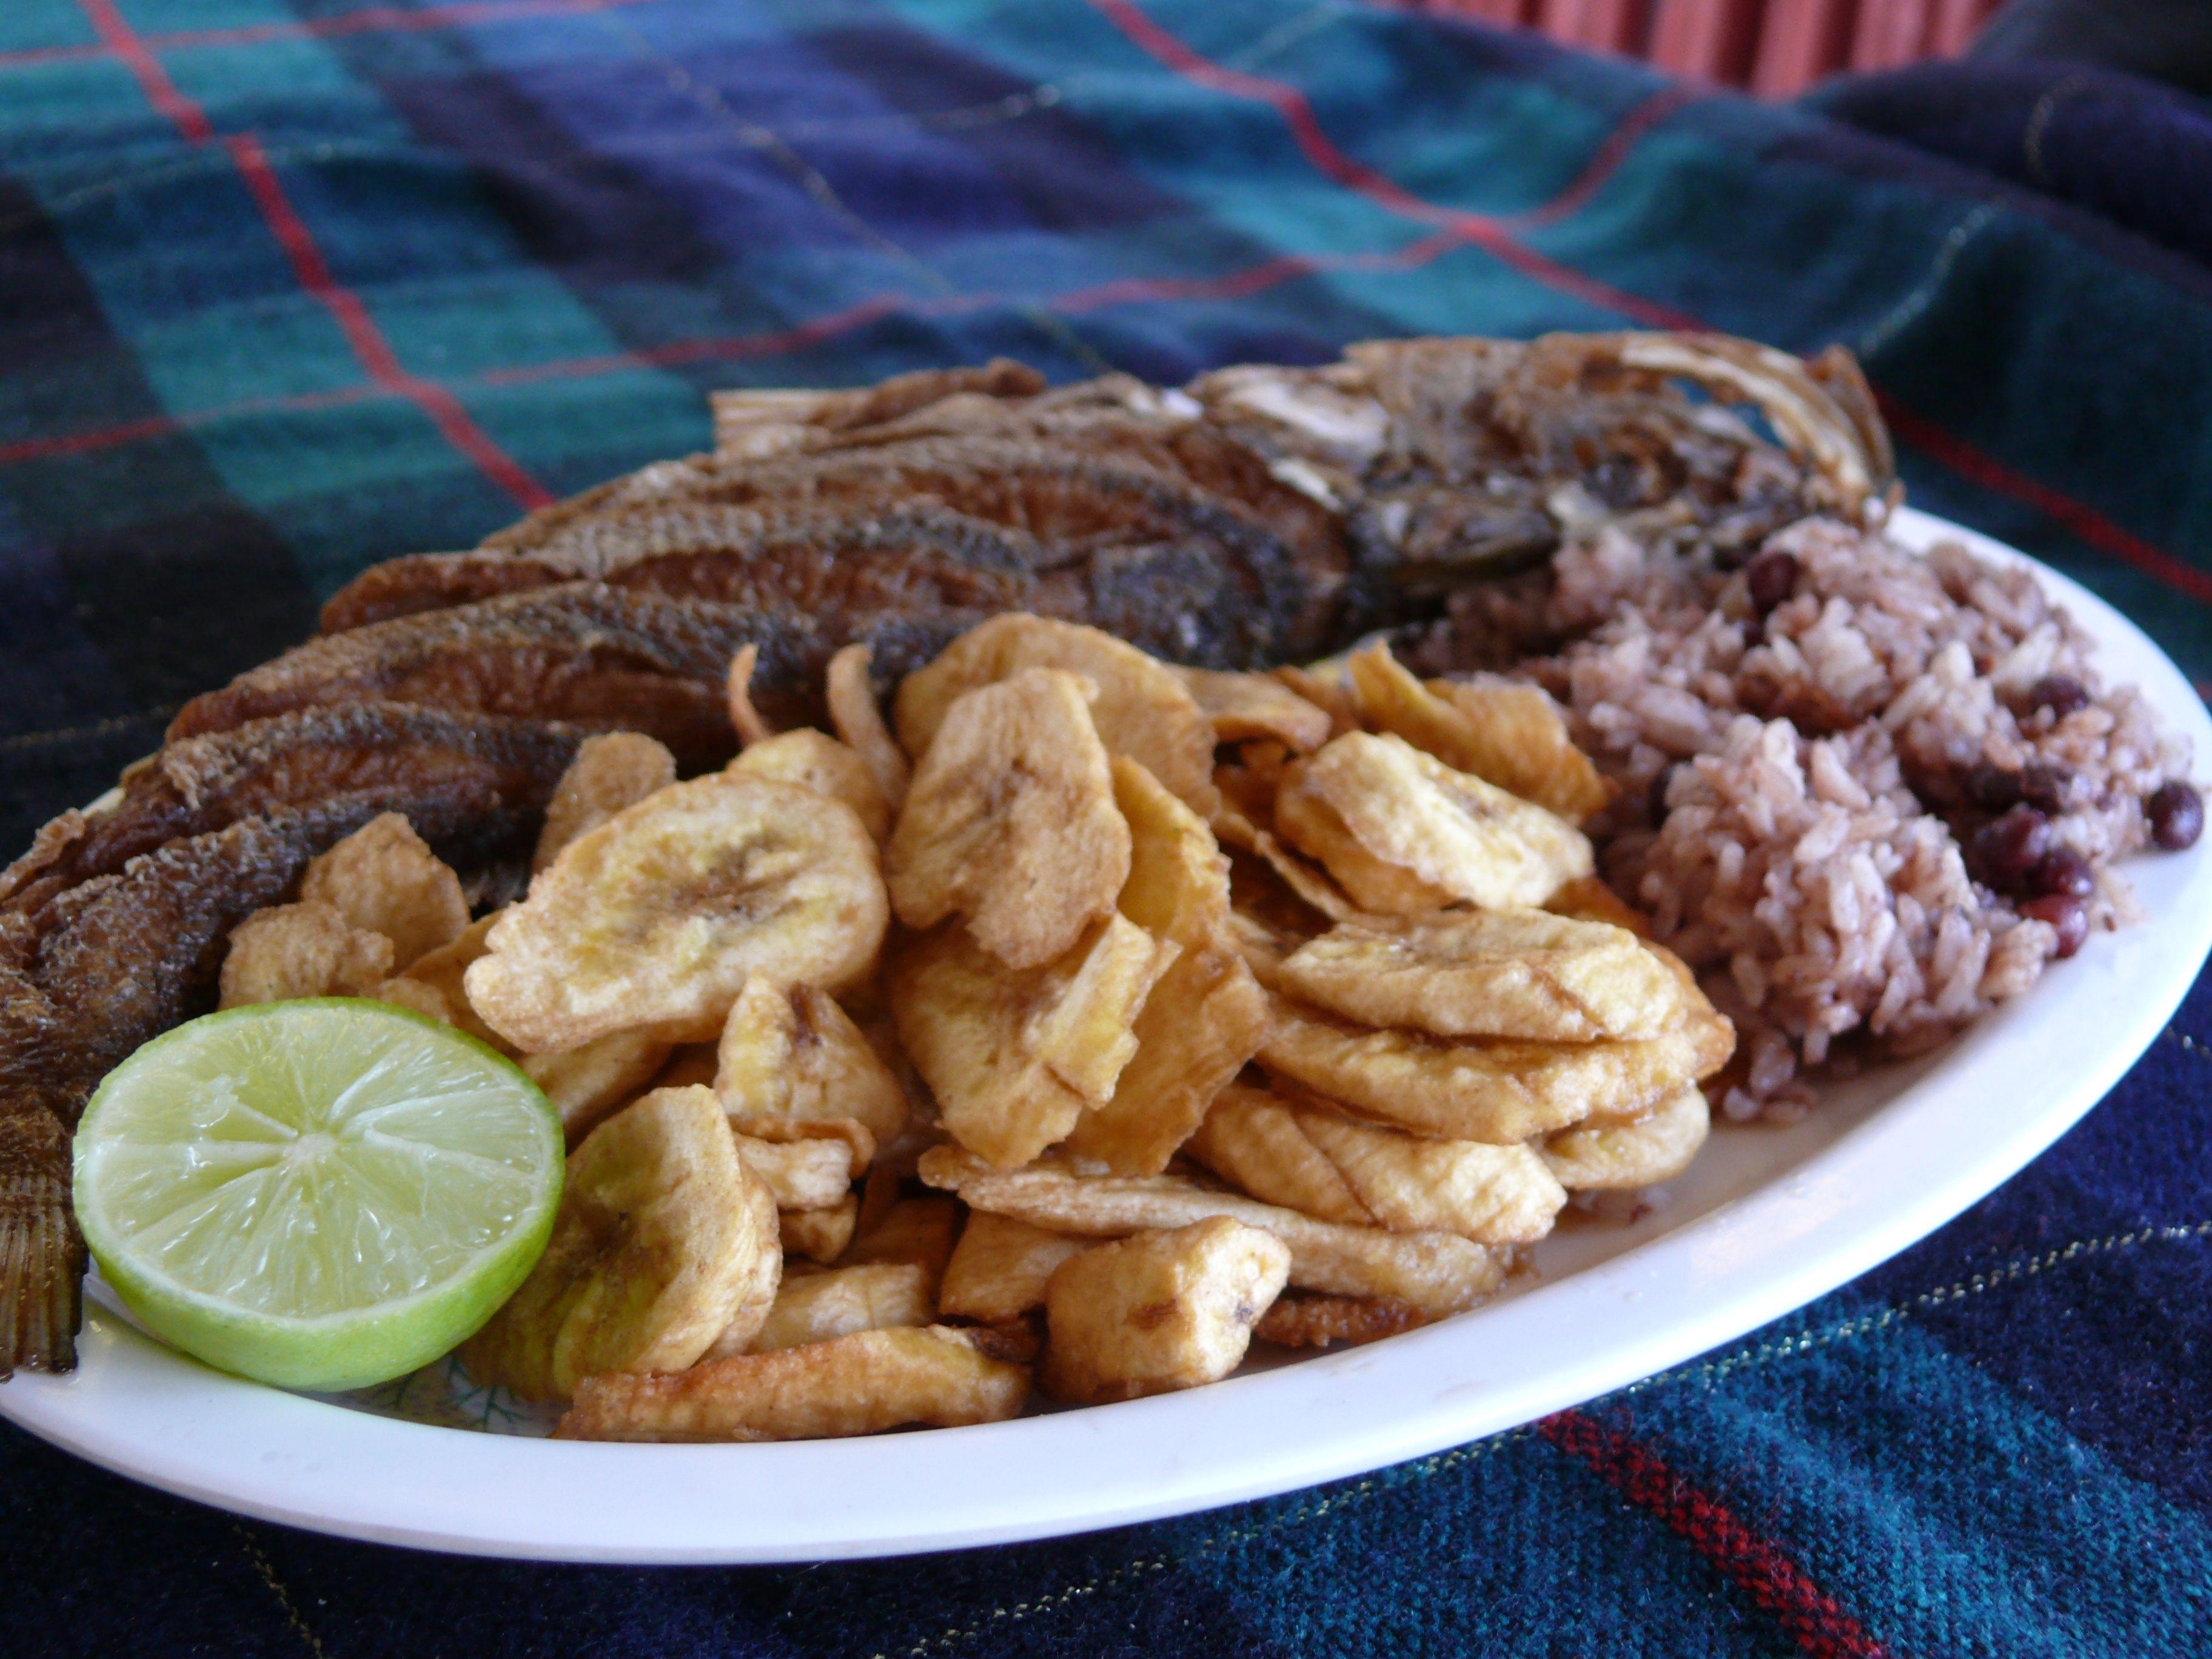 pescado frito con tajadas y casamiento arroz con frijoles